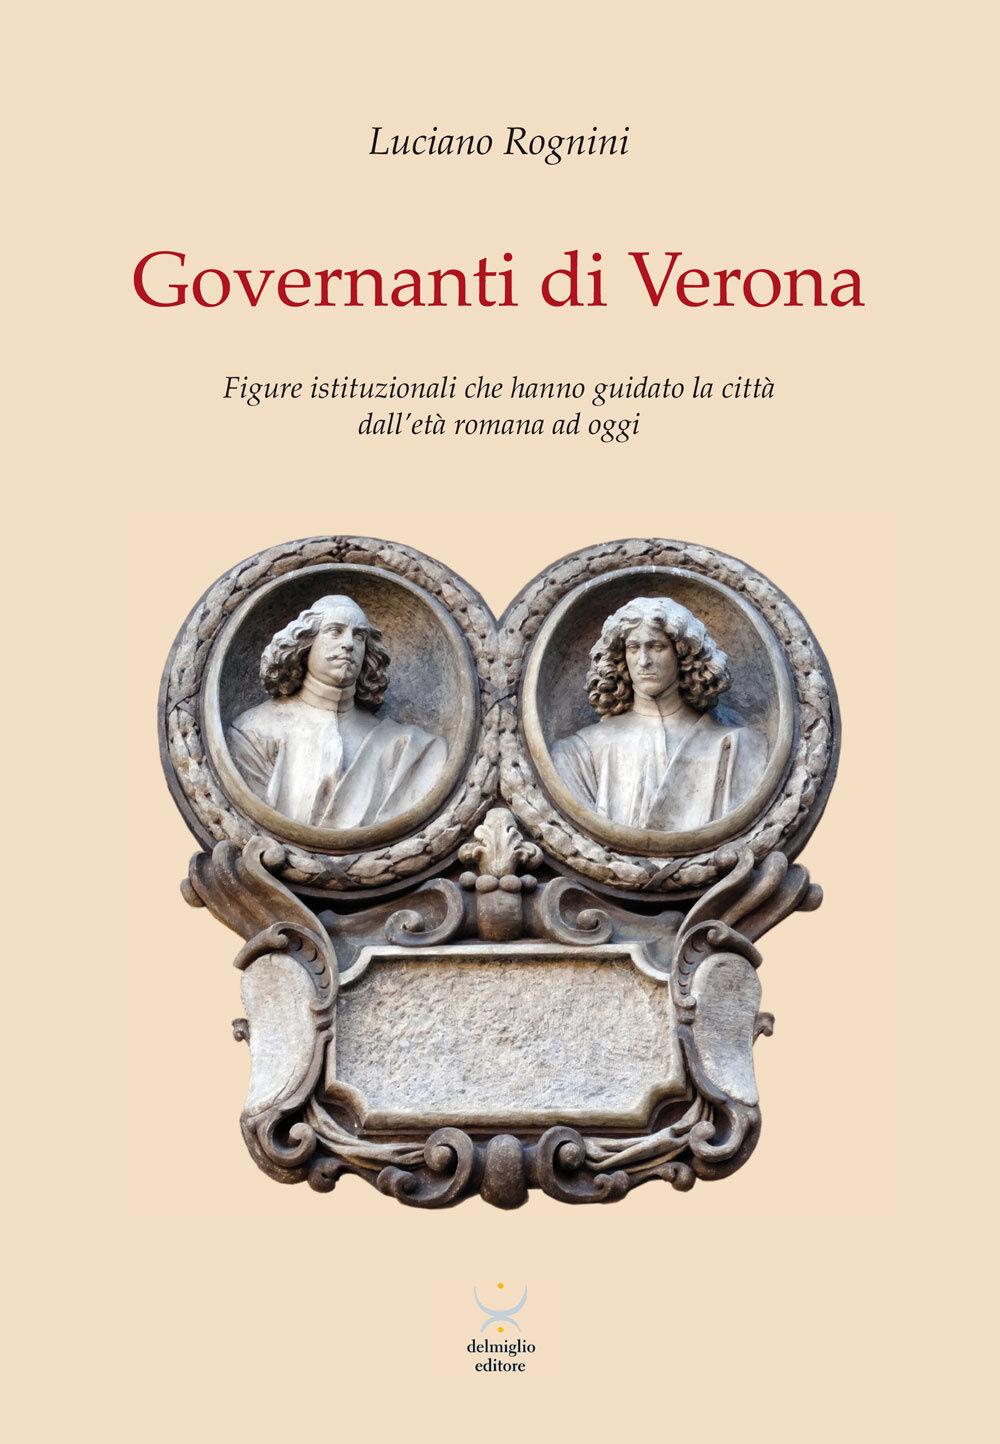 Governanti di Verona. Figure istituzionali che hanno guidato la città dall'età romana ad oggi